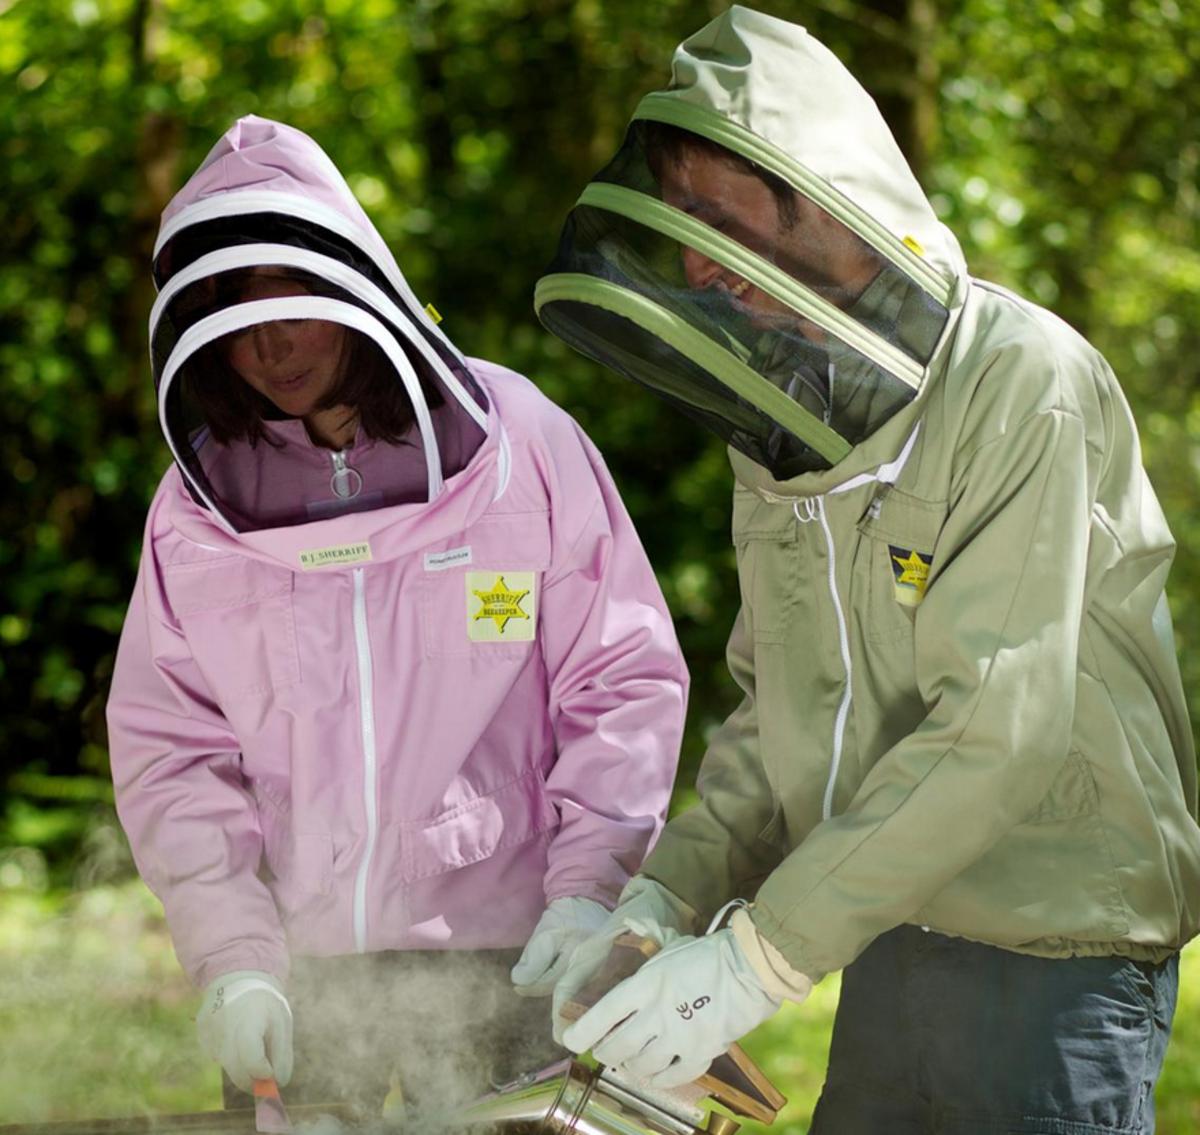 Honey Rustler jackets